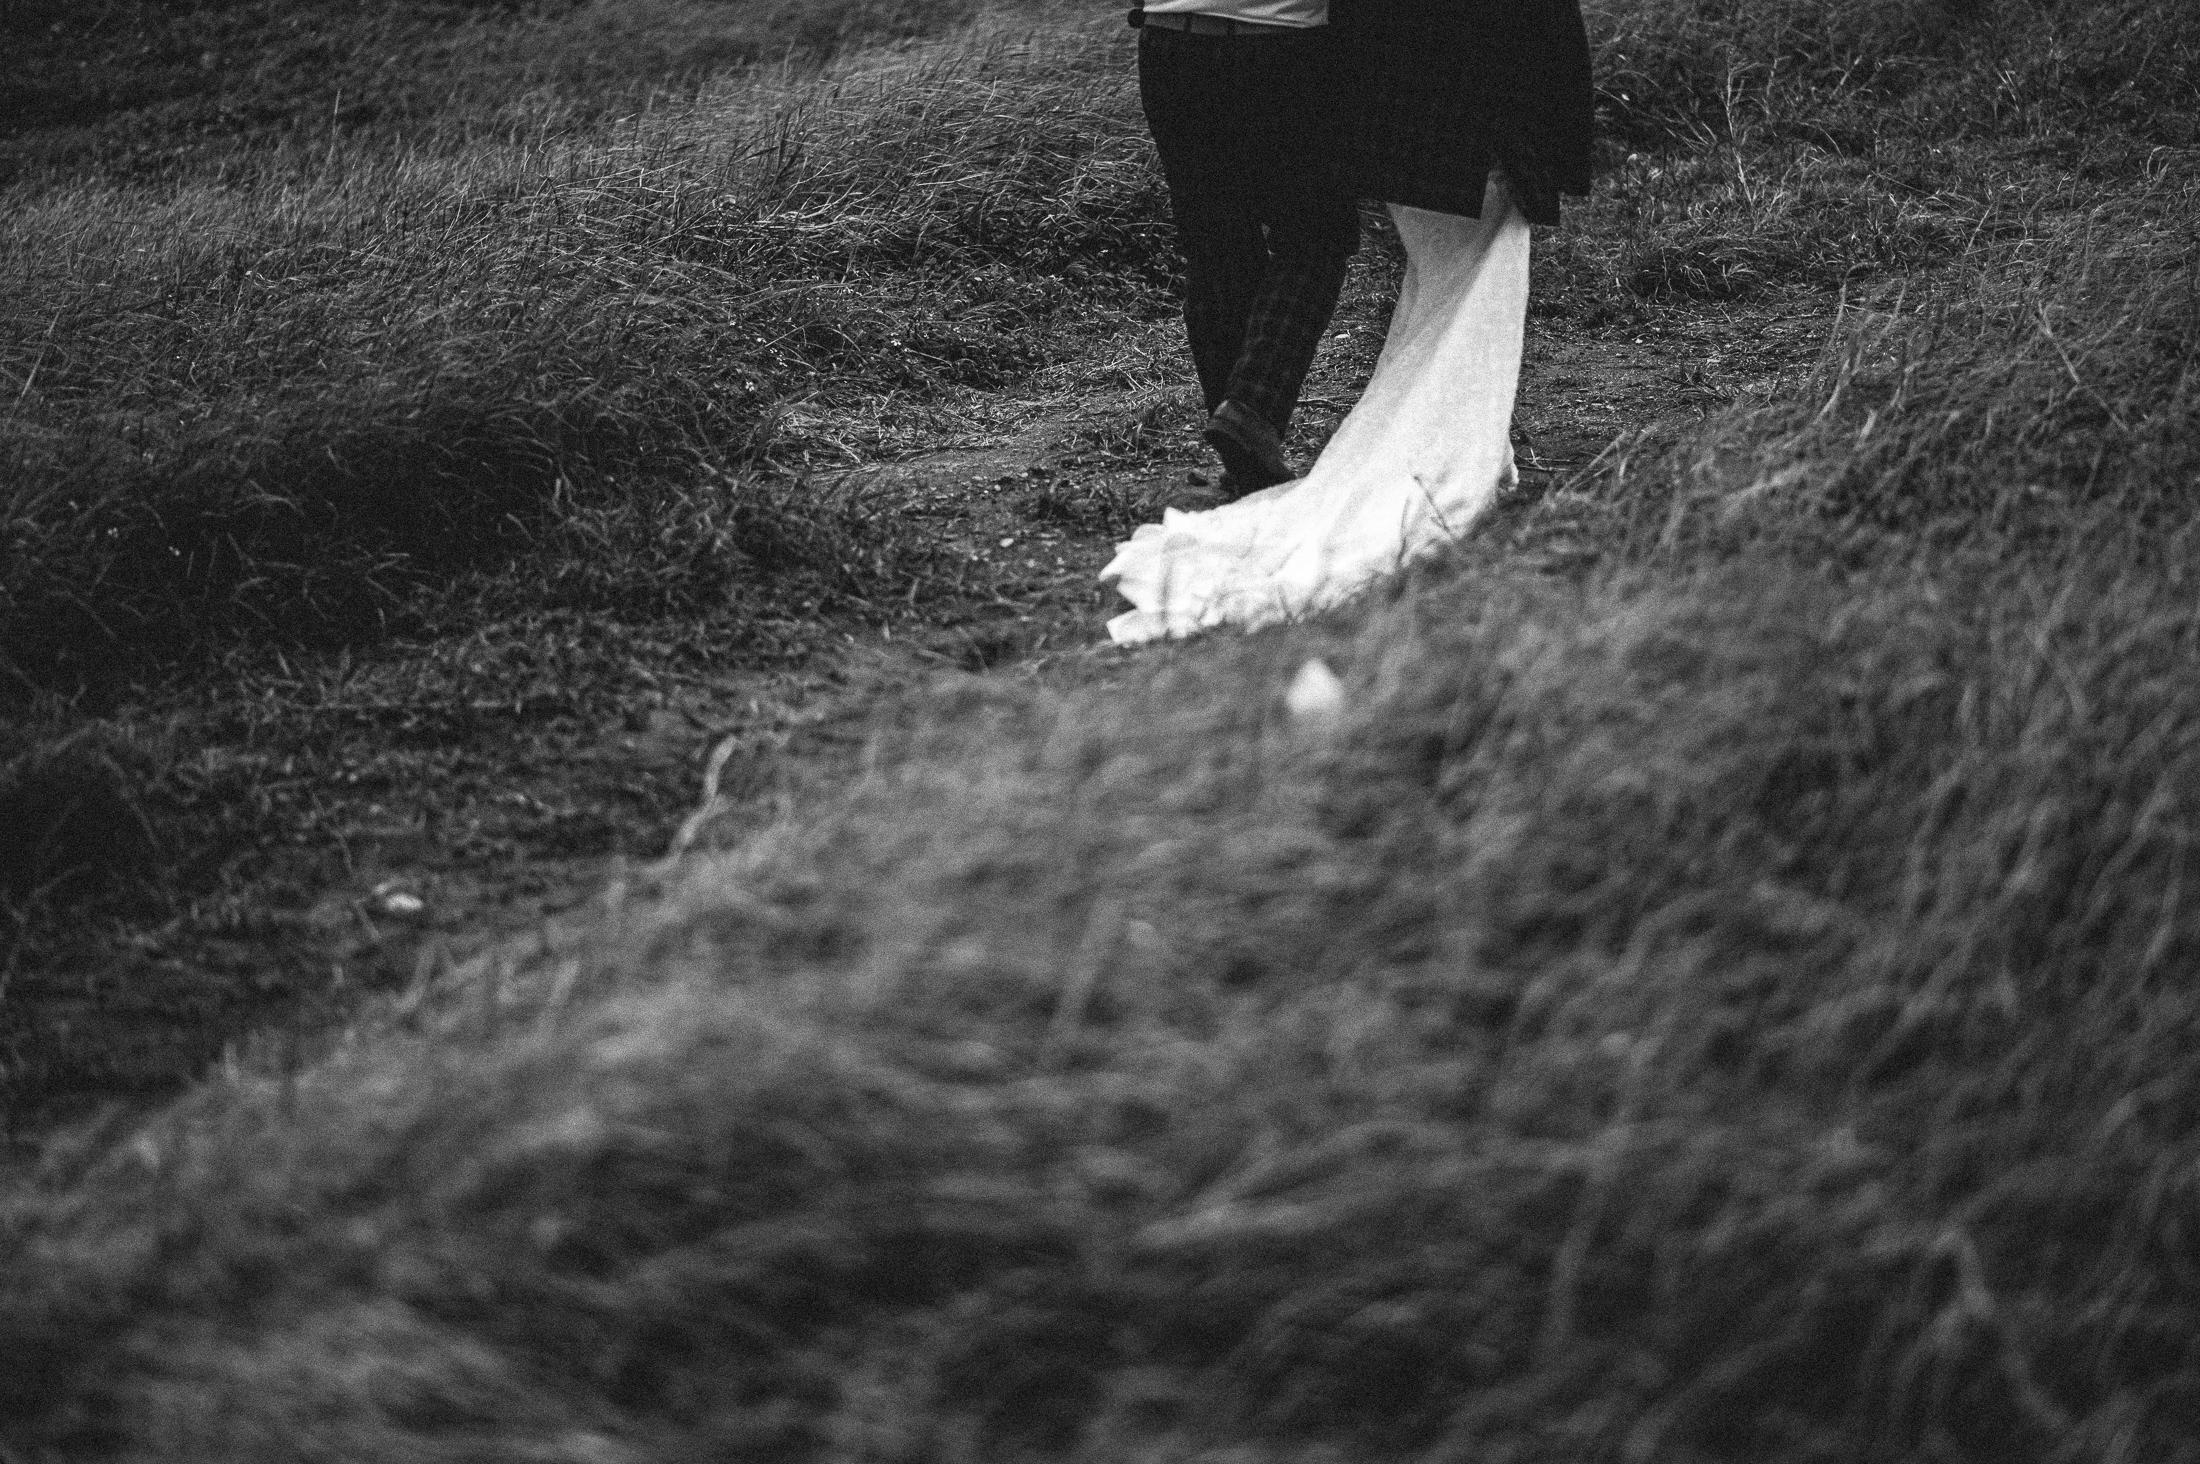 自助婚紗,婚紗攝影,台北婚紗,花蓮婚紗,小蜜月婚紗,輕婚紗,風雲20,美式婚紗,攝影,稻田,花蓮旅行,四八高地,七星潭,松園別館,緩慢民宿,石梯坪,芒草,游阿三,